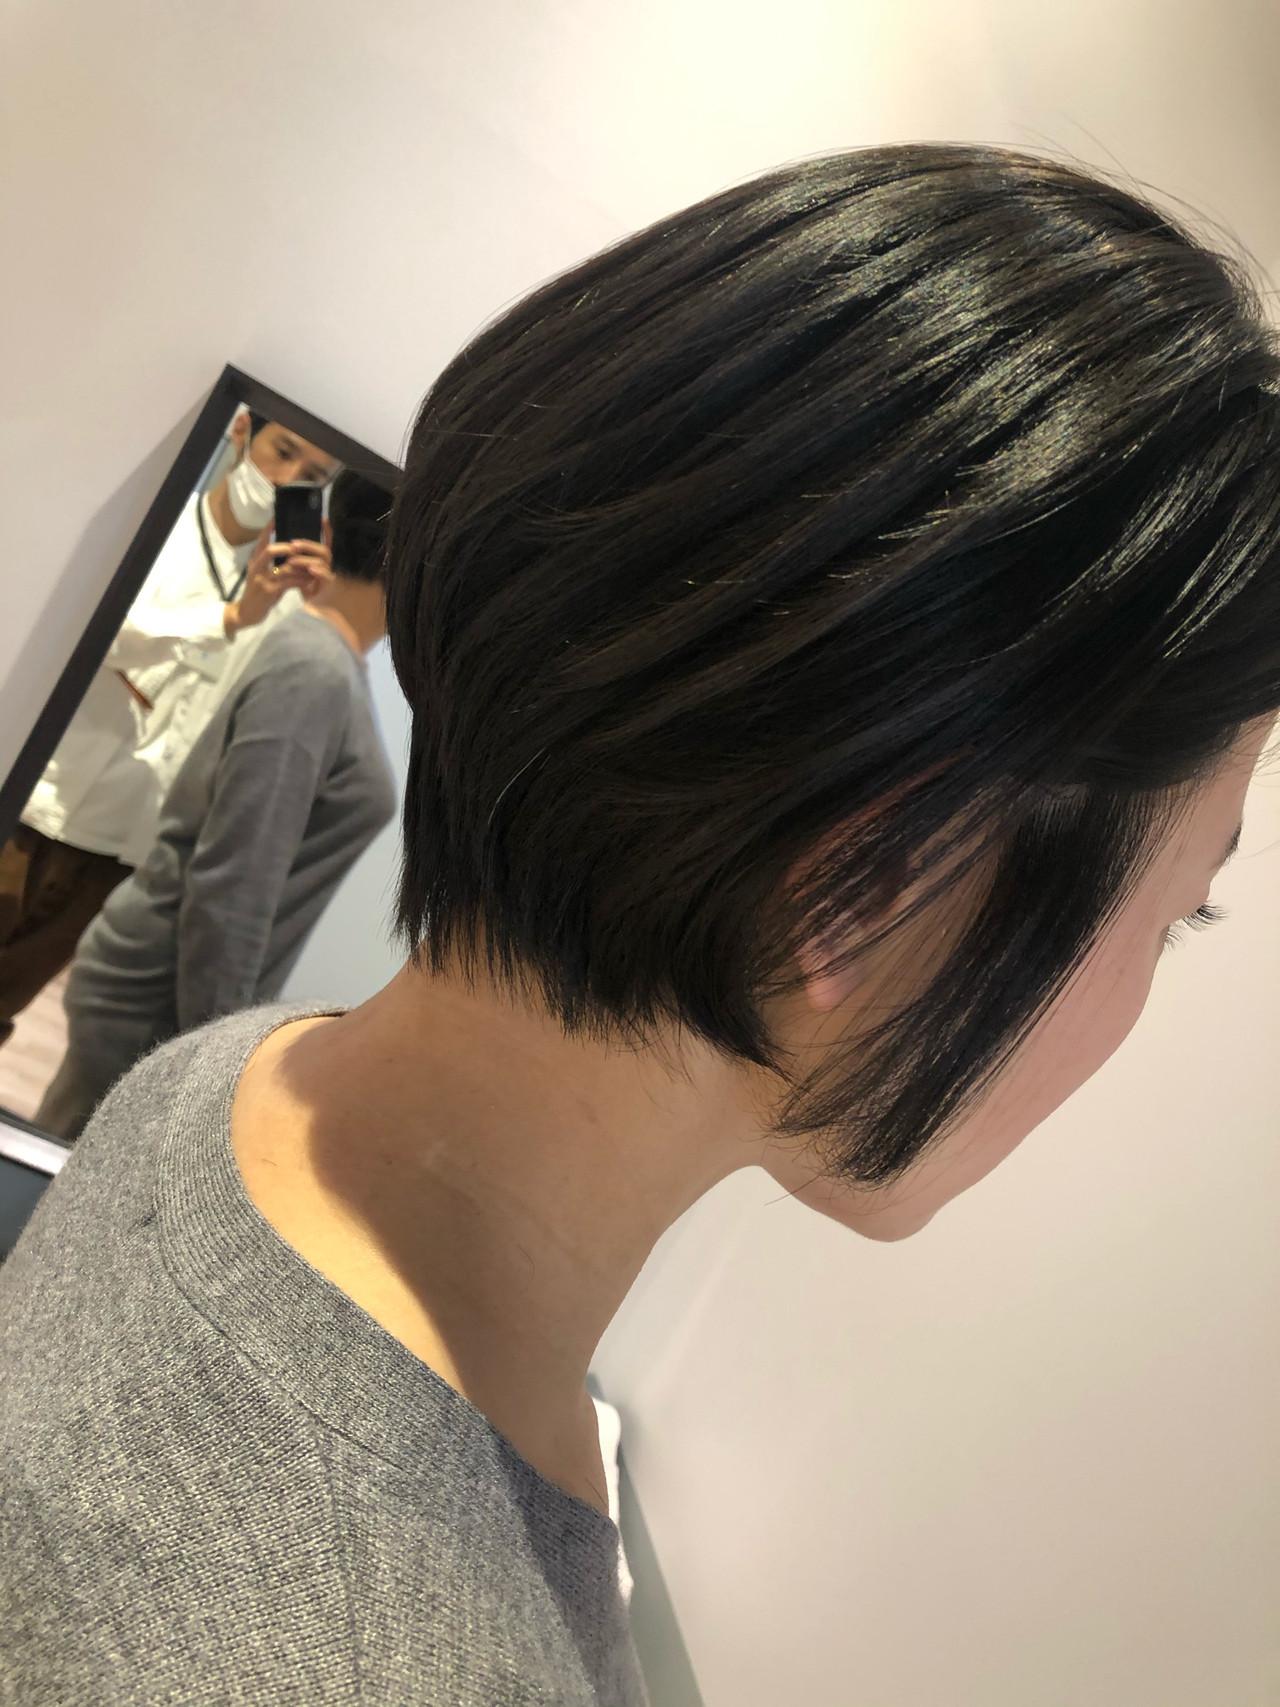 ショートヘア ショート ショートボブ 髪質改善トリートメント ヘアスタイルや髪型の写真・画像